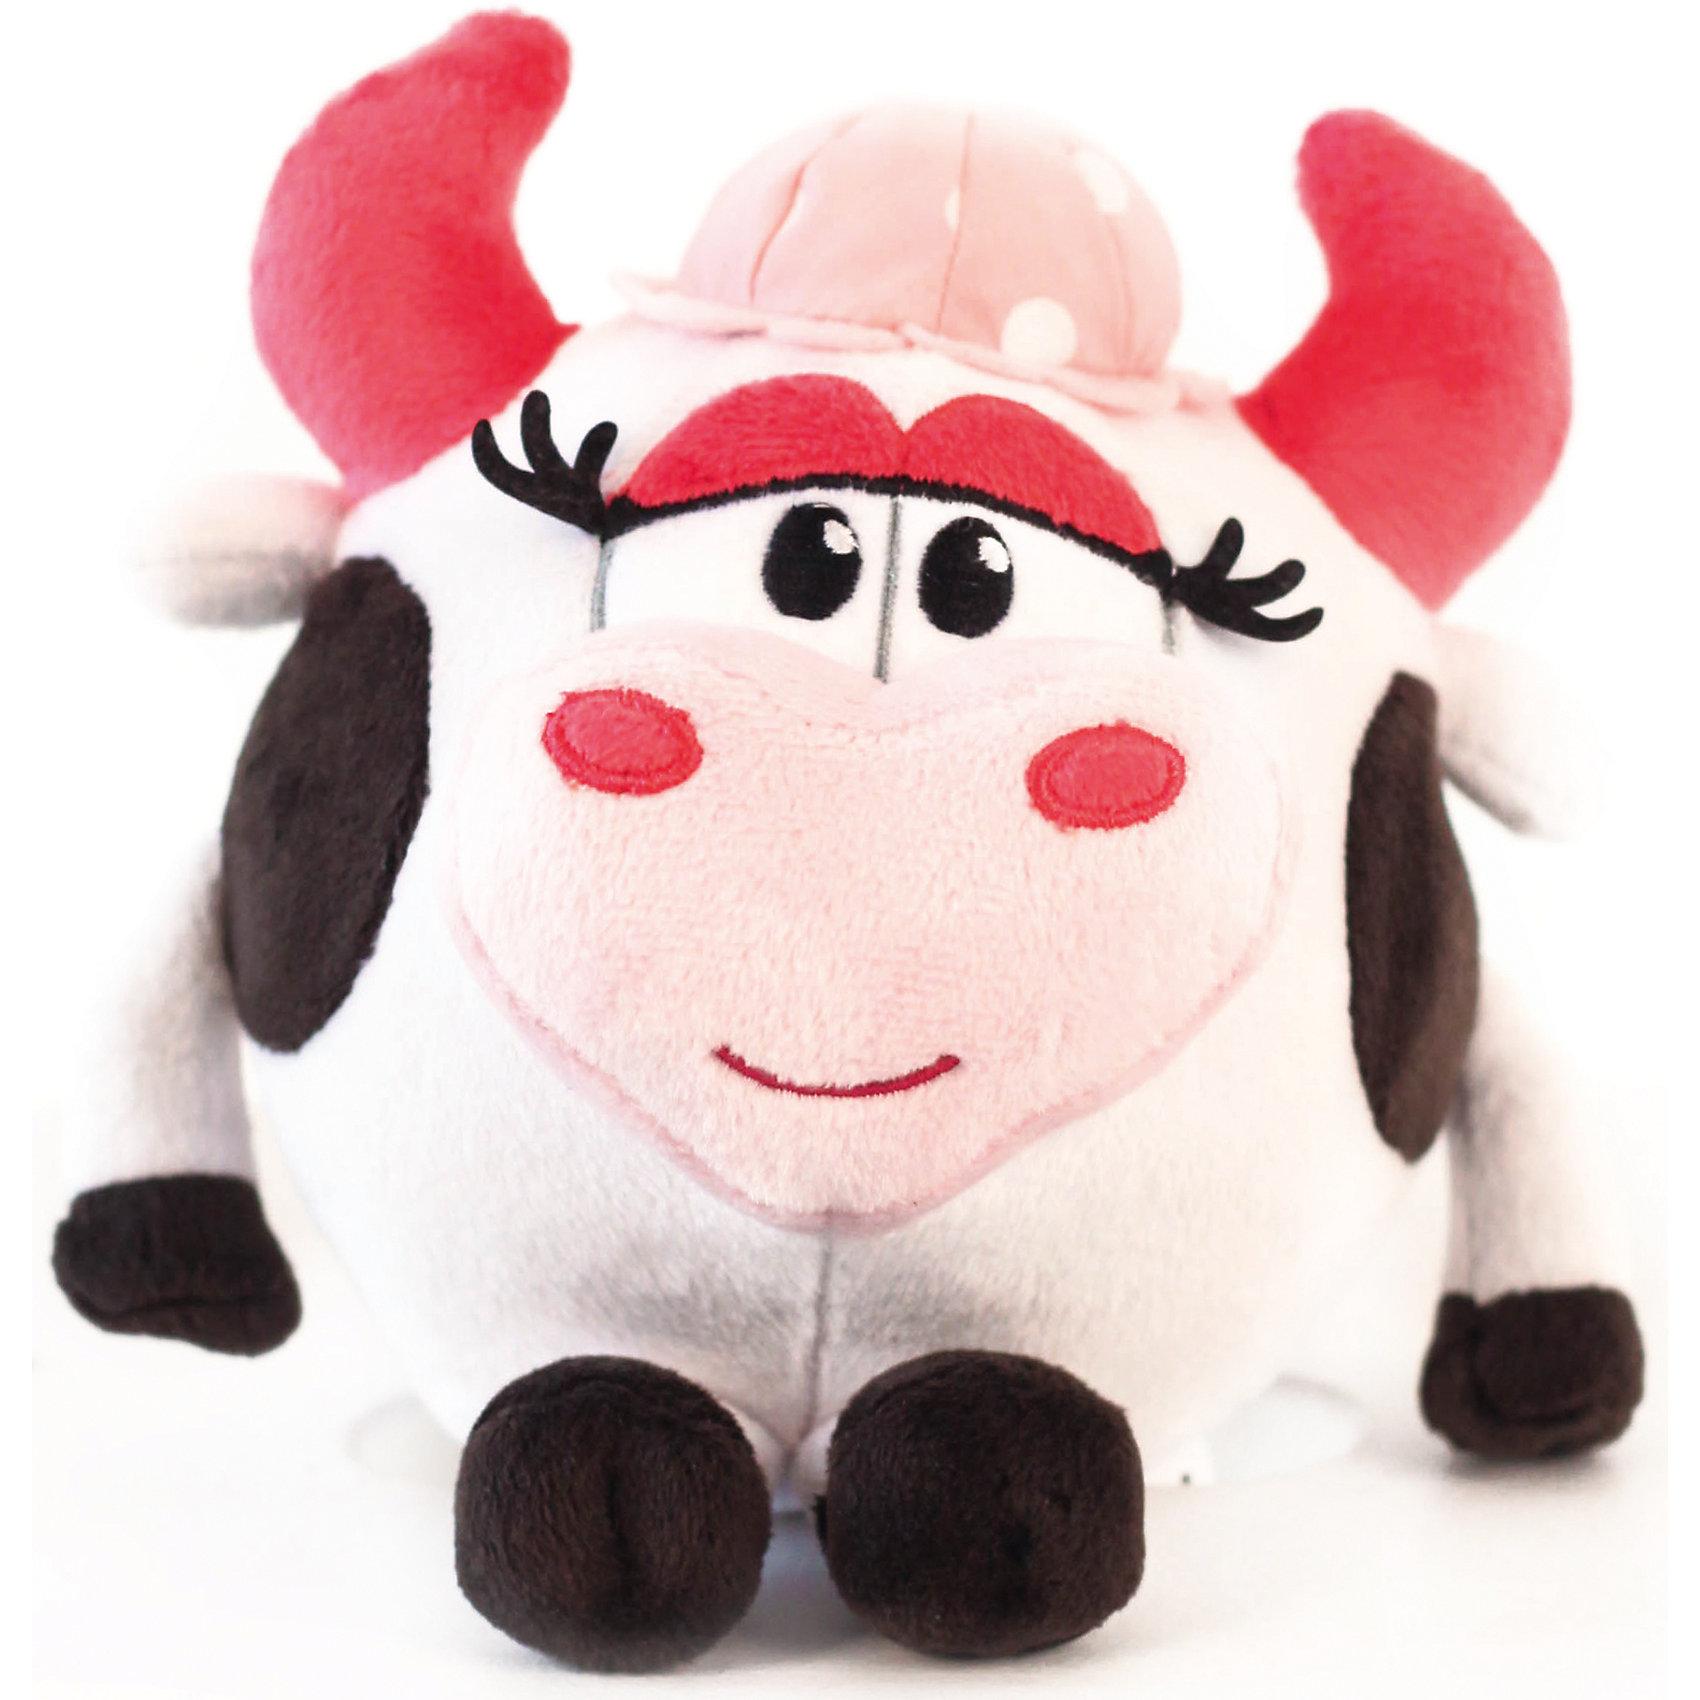 Мягкая игрушка Муня, 20 см, СмешарикиОчаровательная Муня, героиня известного мультсериала, обязательно понравится малышам! Яркая игрушка очень мягкая и приятная на ощупь, изготовлена из высококачественных гипоаллергенных материалов безопасных для детей.<br><br>Дополнительная информация:<br><br>- Материал: плюш, текстиль, синтепон. <br>- Размер: 20 см.<br><br>Мягкую игрушку Муню, 20 см, Смешарики, можно купить в нашем магазине.<br><br>Ширина мм: 200<br>Глубина мм: 170<br>Высота мм: 200<br>Вес г: 250<br>Возраст от месяцев: 36<br>Возраст до месяцев: 72<br>Пол: Унисекс<br>Возраст: Детский<br>SKU: 4240028